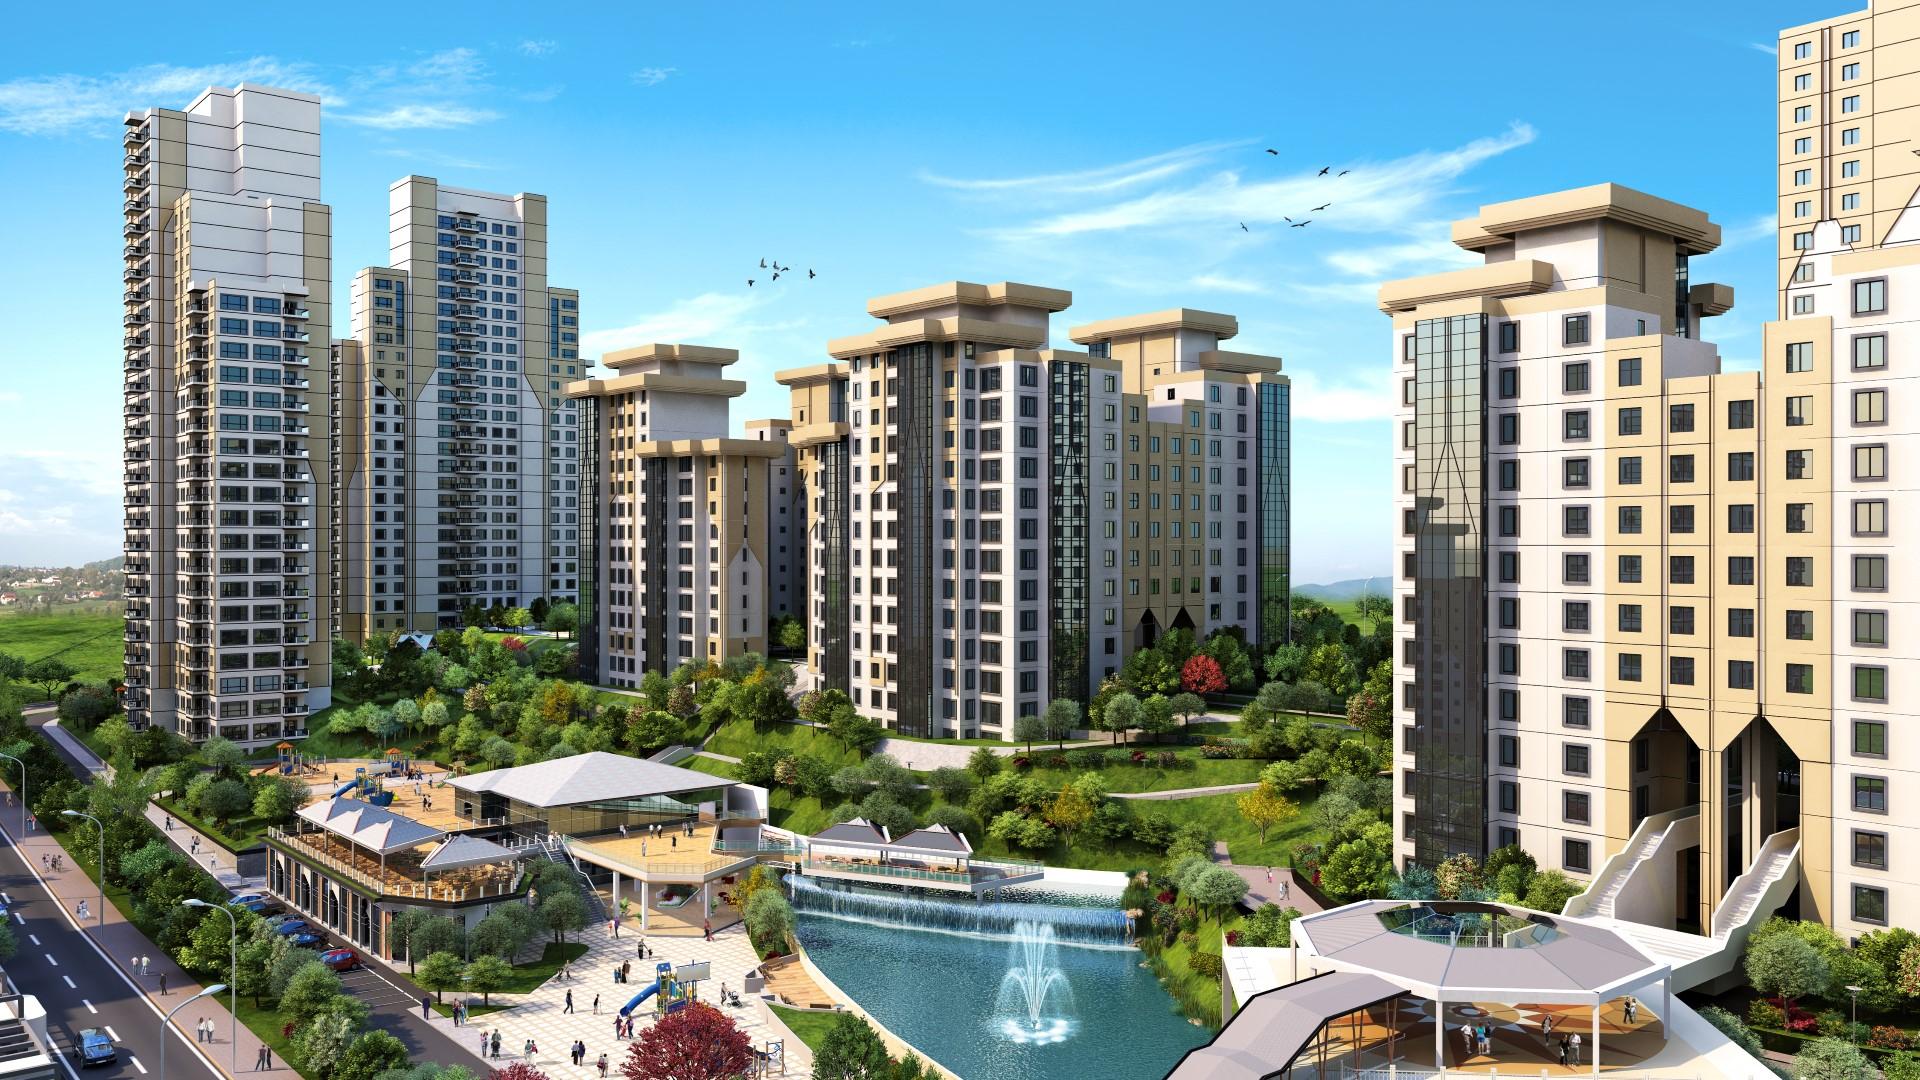 افضل المجمعات السكنية في اسطنبول